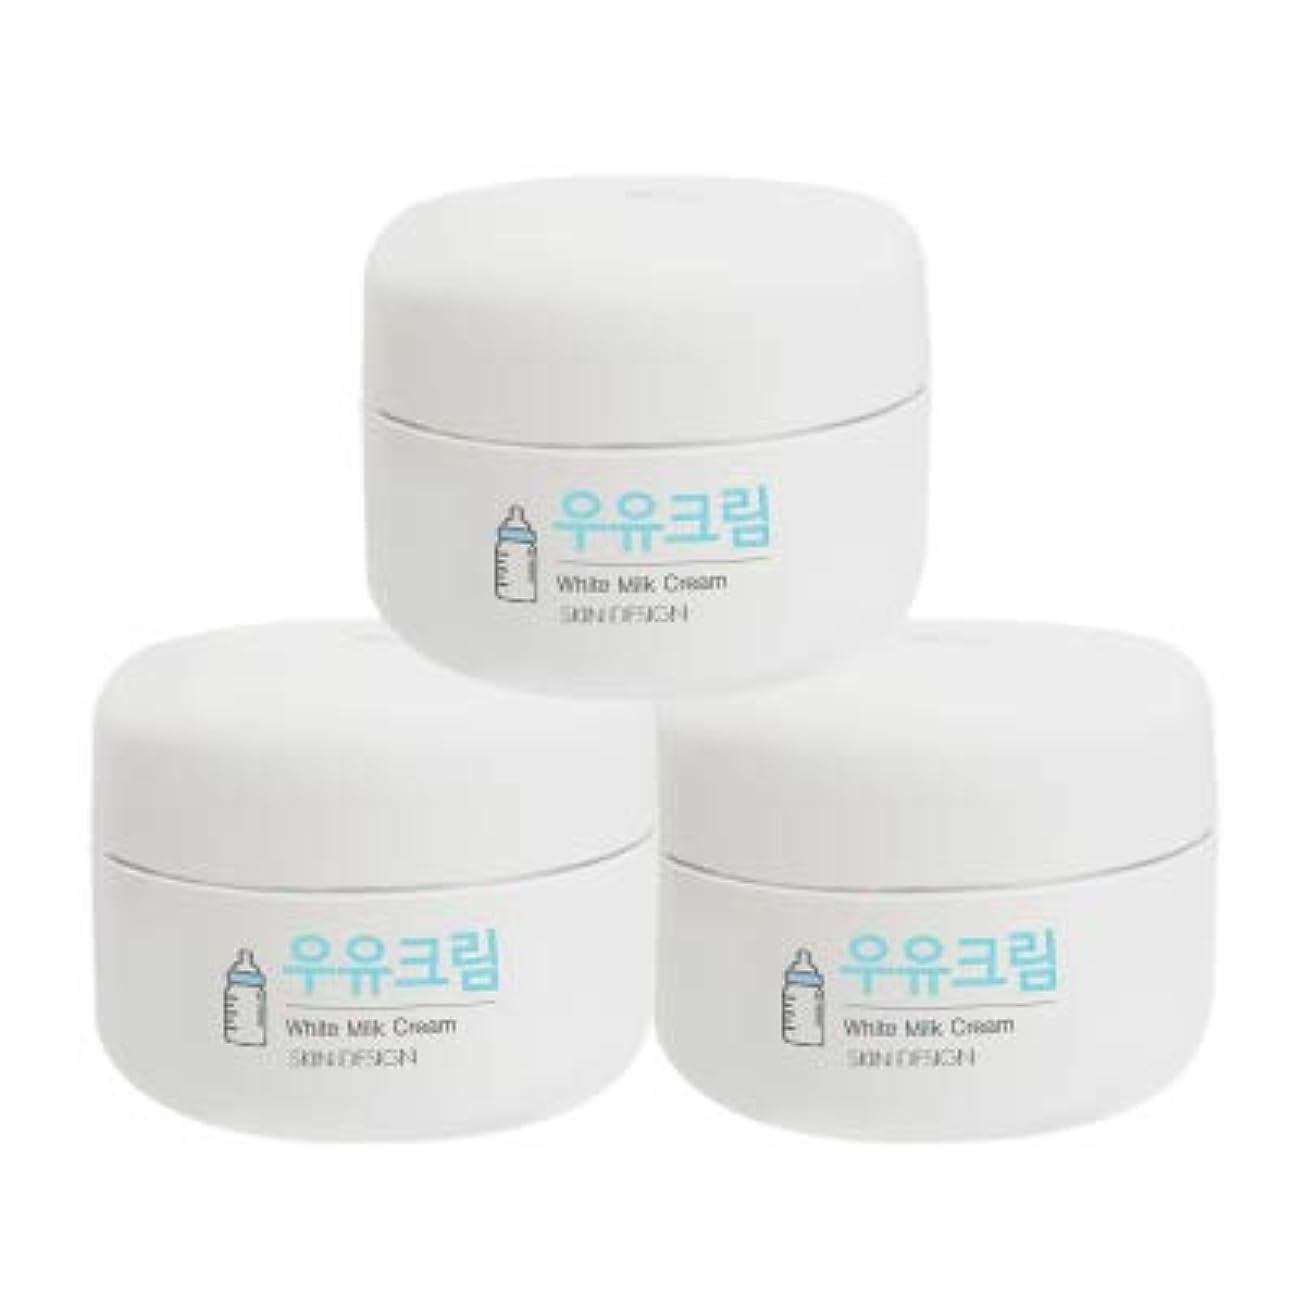 チャーターフェザー束【3個】【SKIN DESIGN】 スキンデザイン 牛乳クリーム 3個セット WHITE MILK CREAM 韓国 ウユクリーム